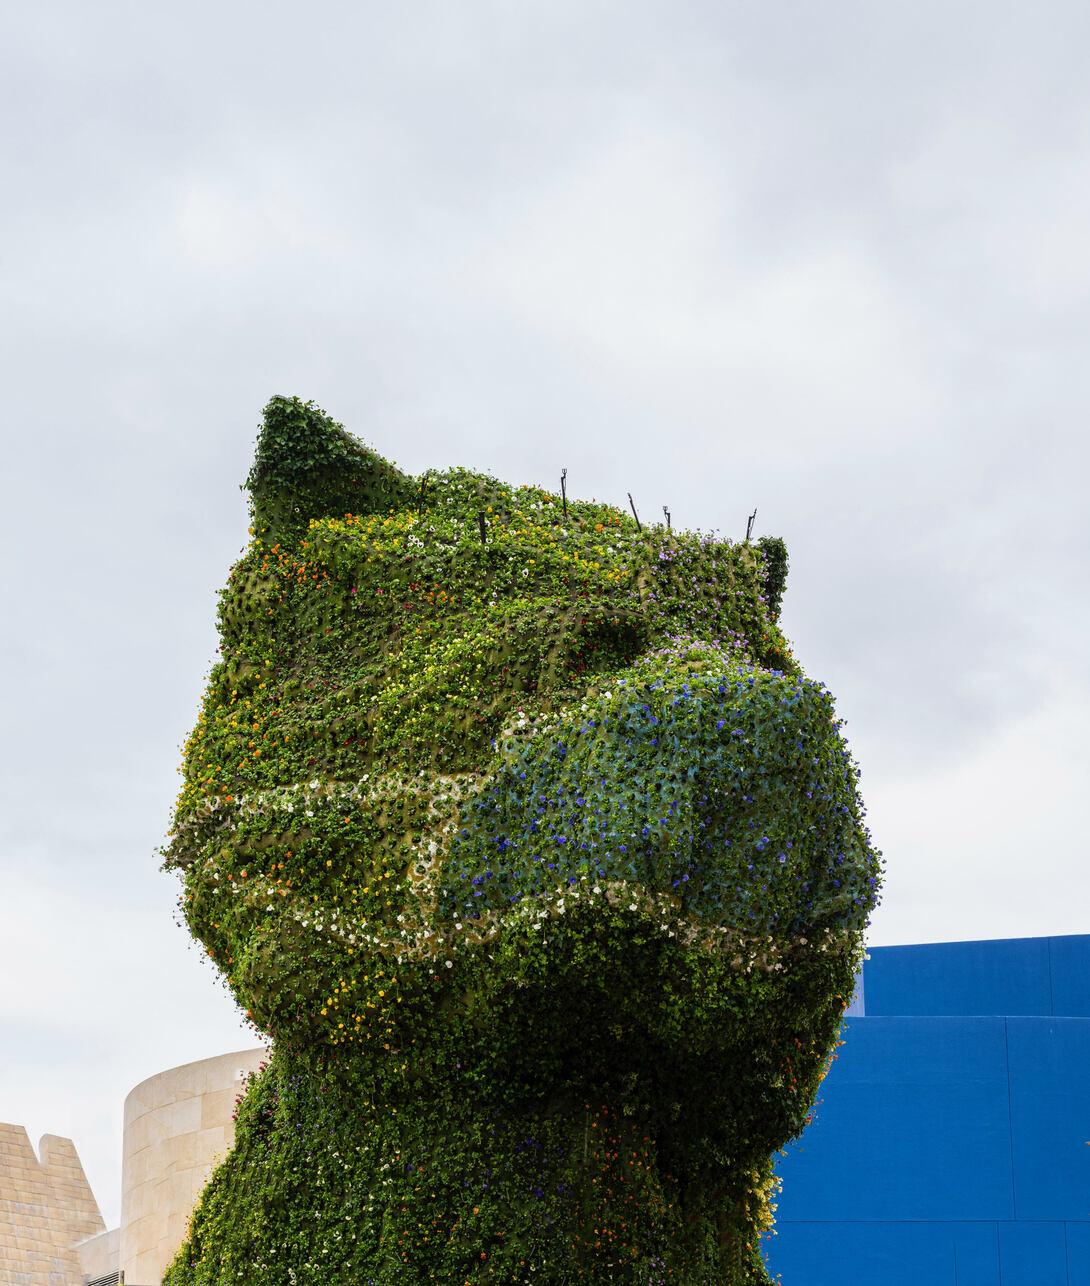 Jeff Koons, Puppy (con la mascherina), Guggenheim museum, Bilbao